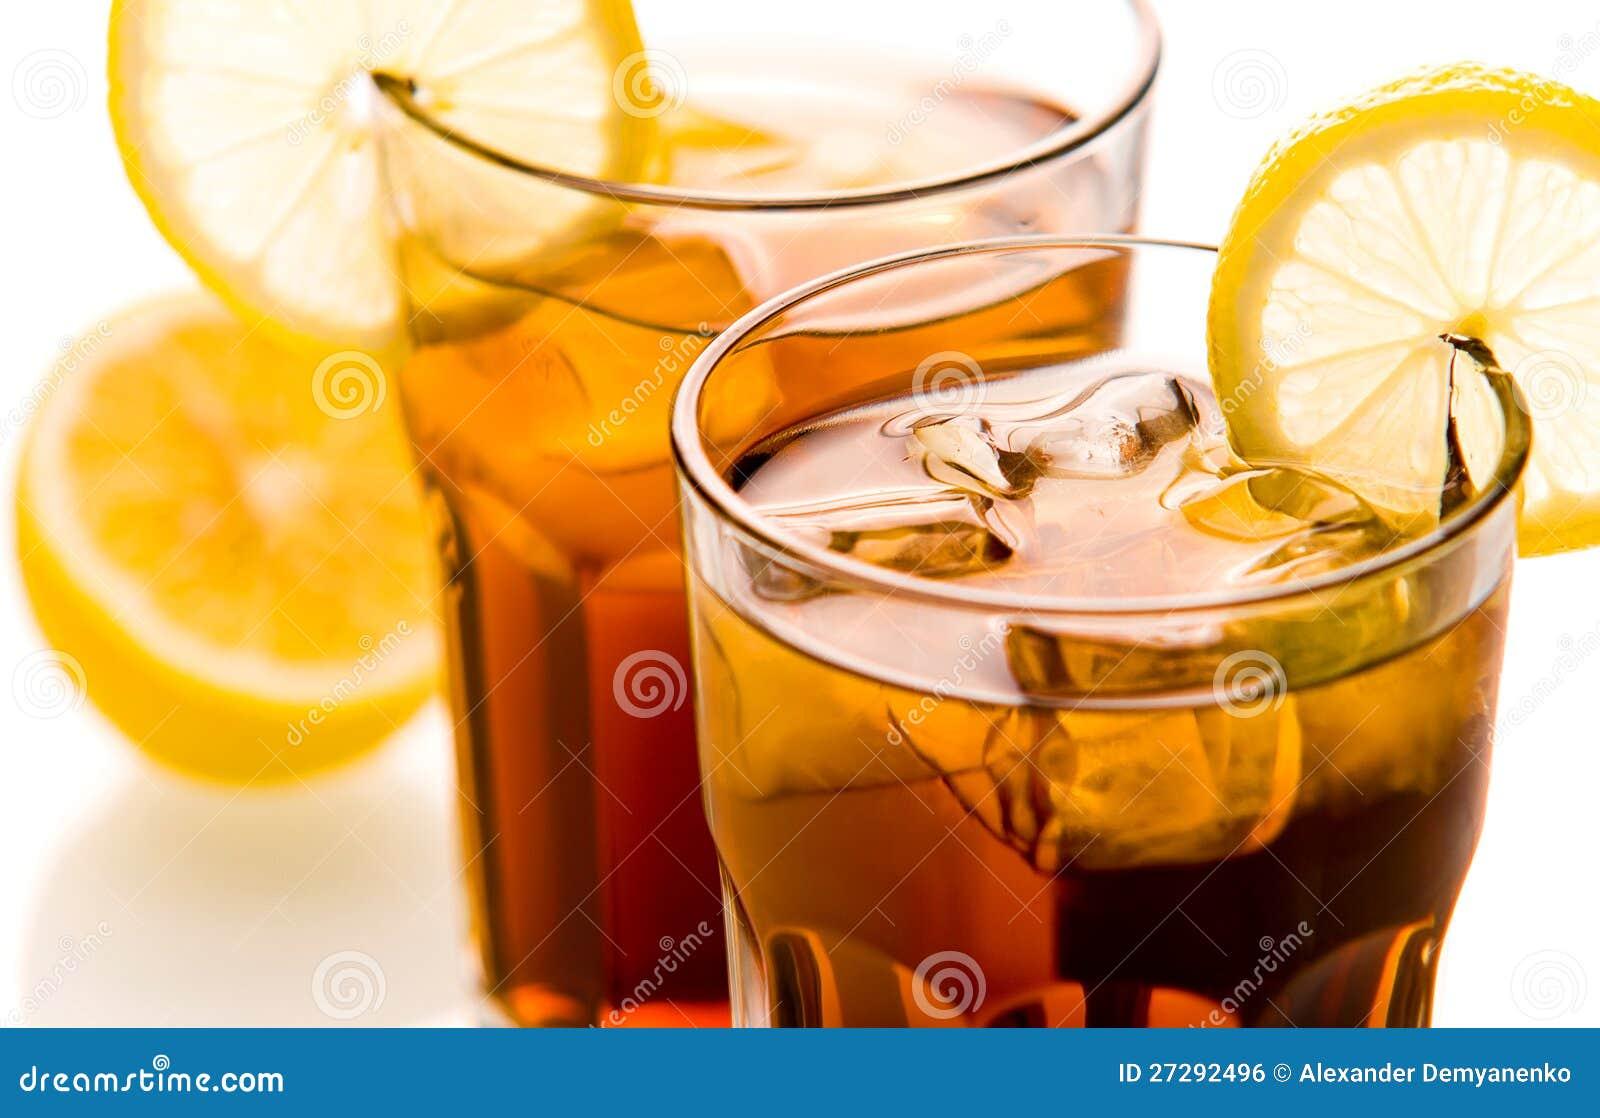 how to make a long island iced tea alcoholic drink